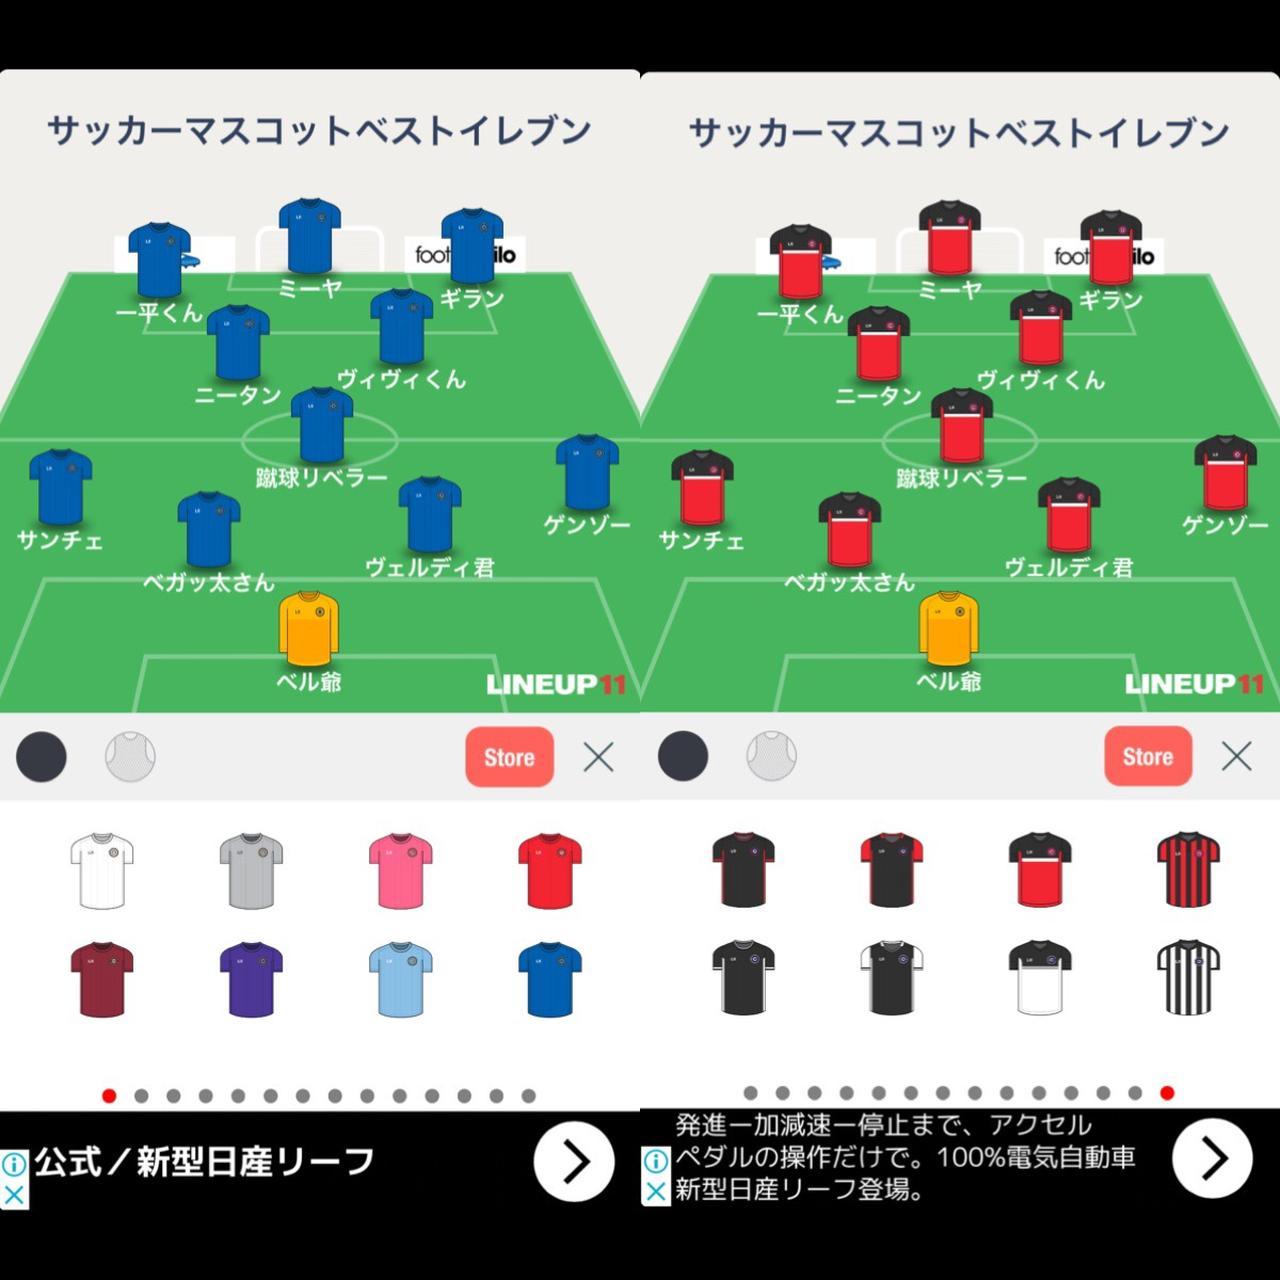 画像: スタメンをツイートする?マイベストイレブン作っちゃう?『Lineup11 - Football Lineup Builder 』